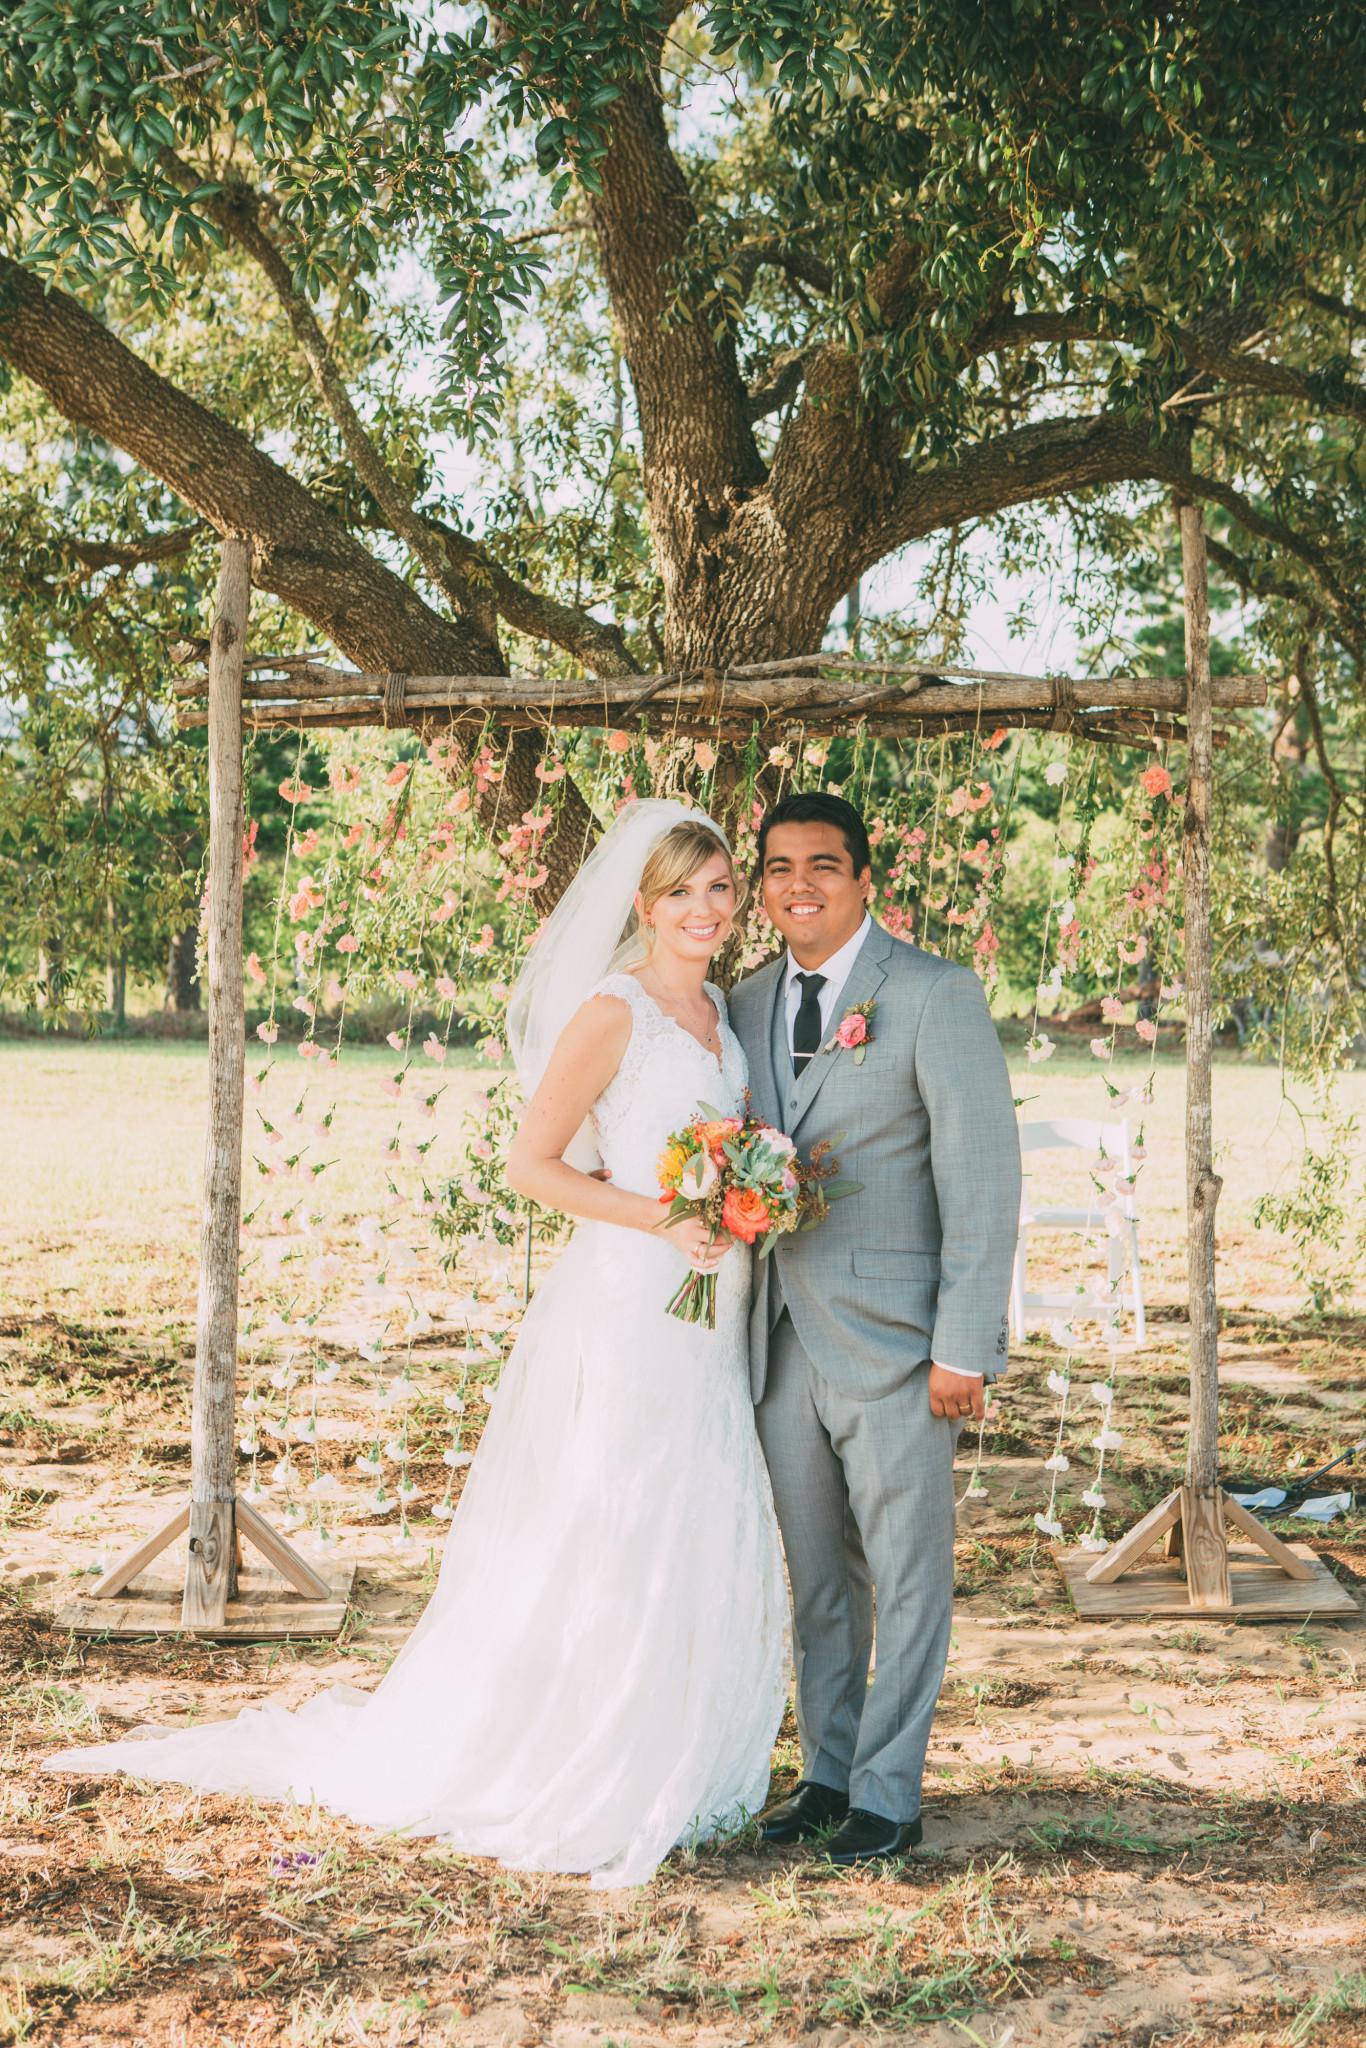 desirae-and-roberto-full-wedding-0458.jpg